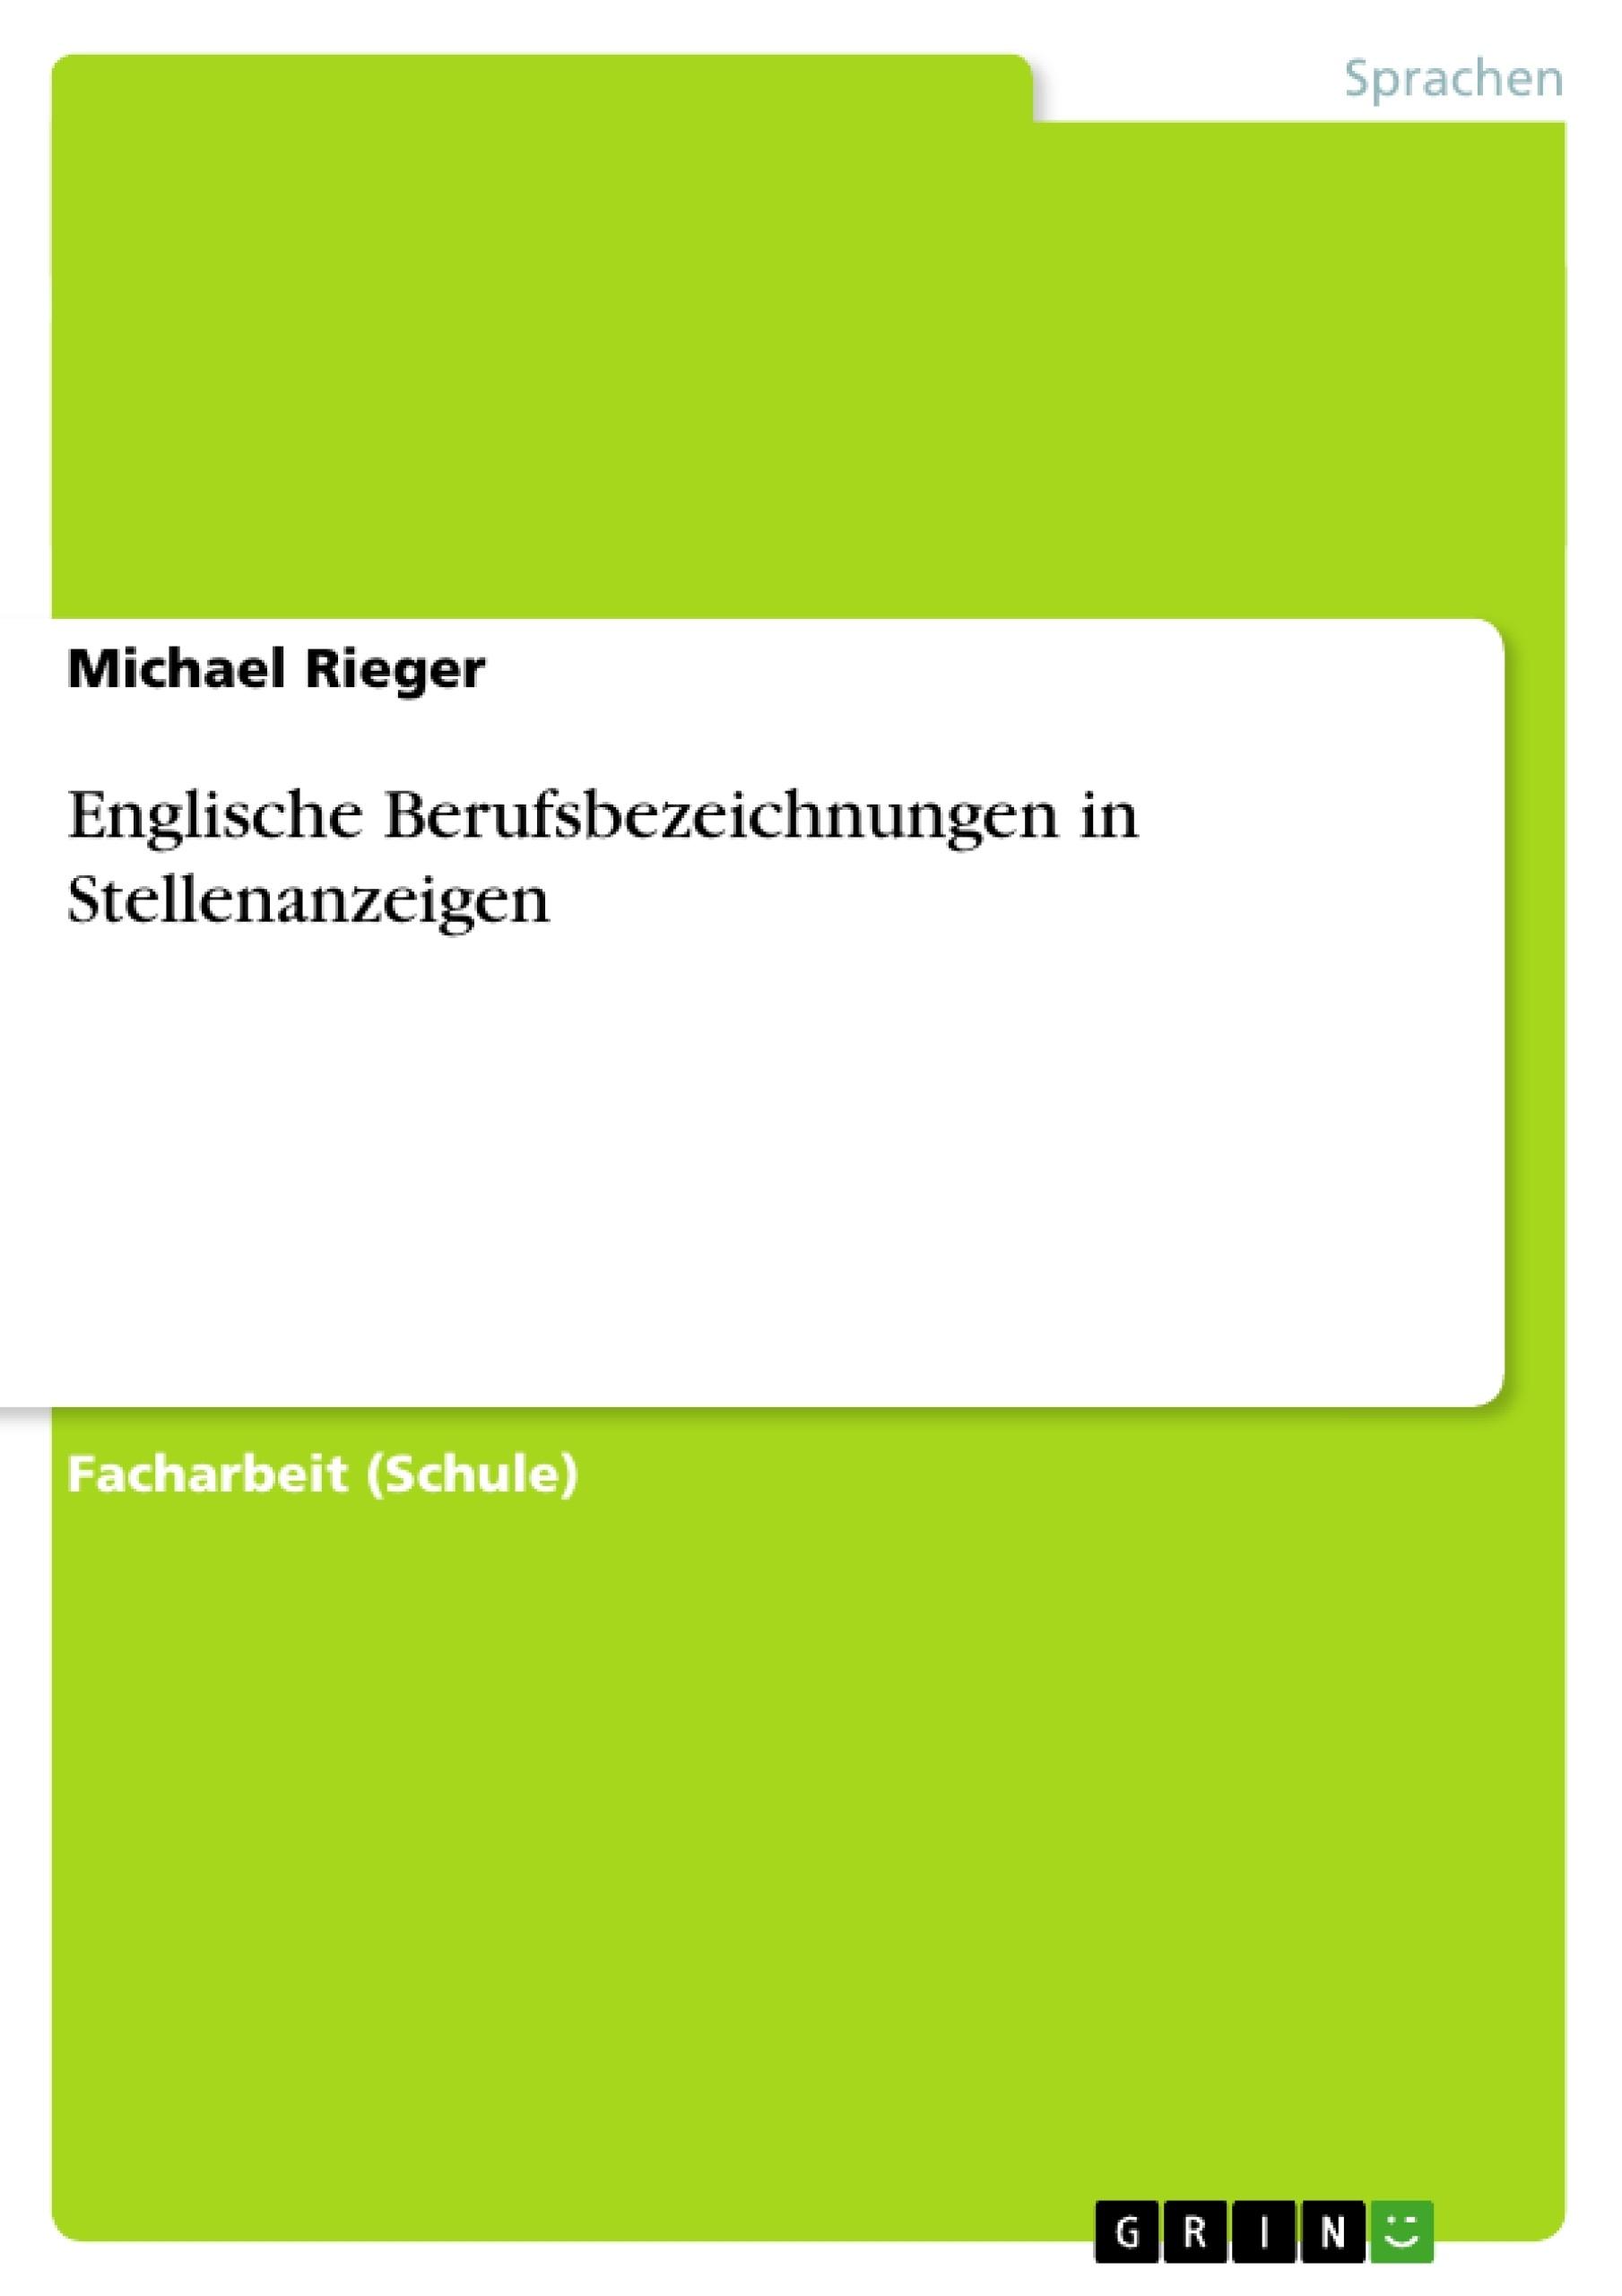 Titel: Englische Berufsbezeichnungen in Stellenanzeigen